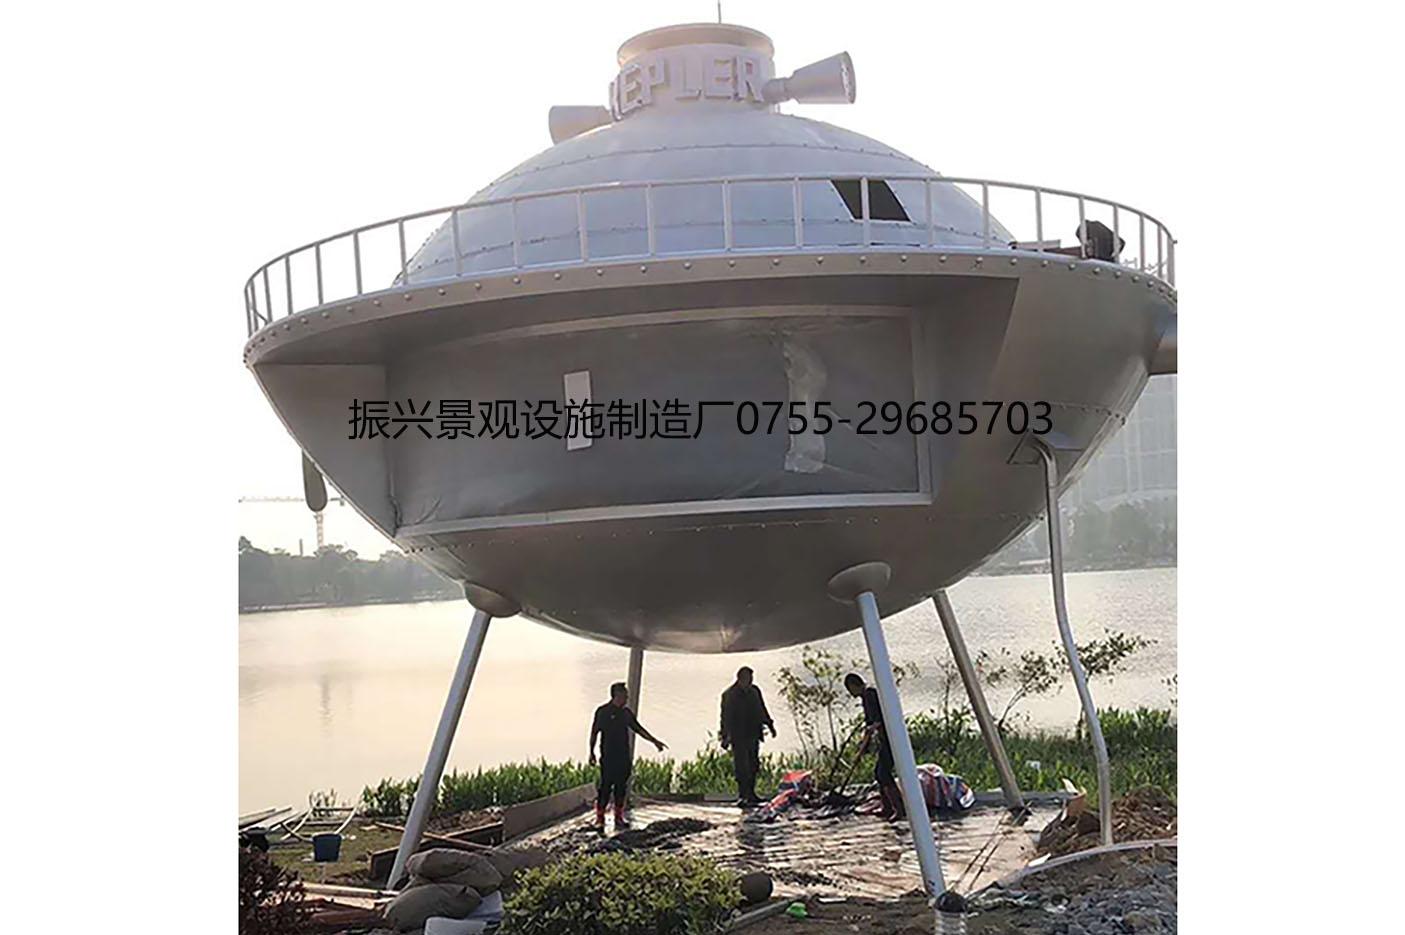 戶外景觀鋼構(gou)飛船 大型非標產品廠家